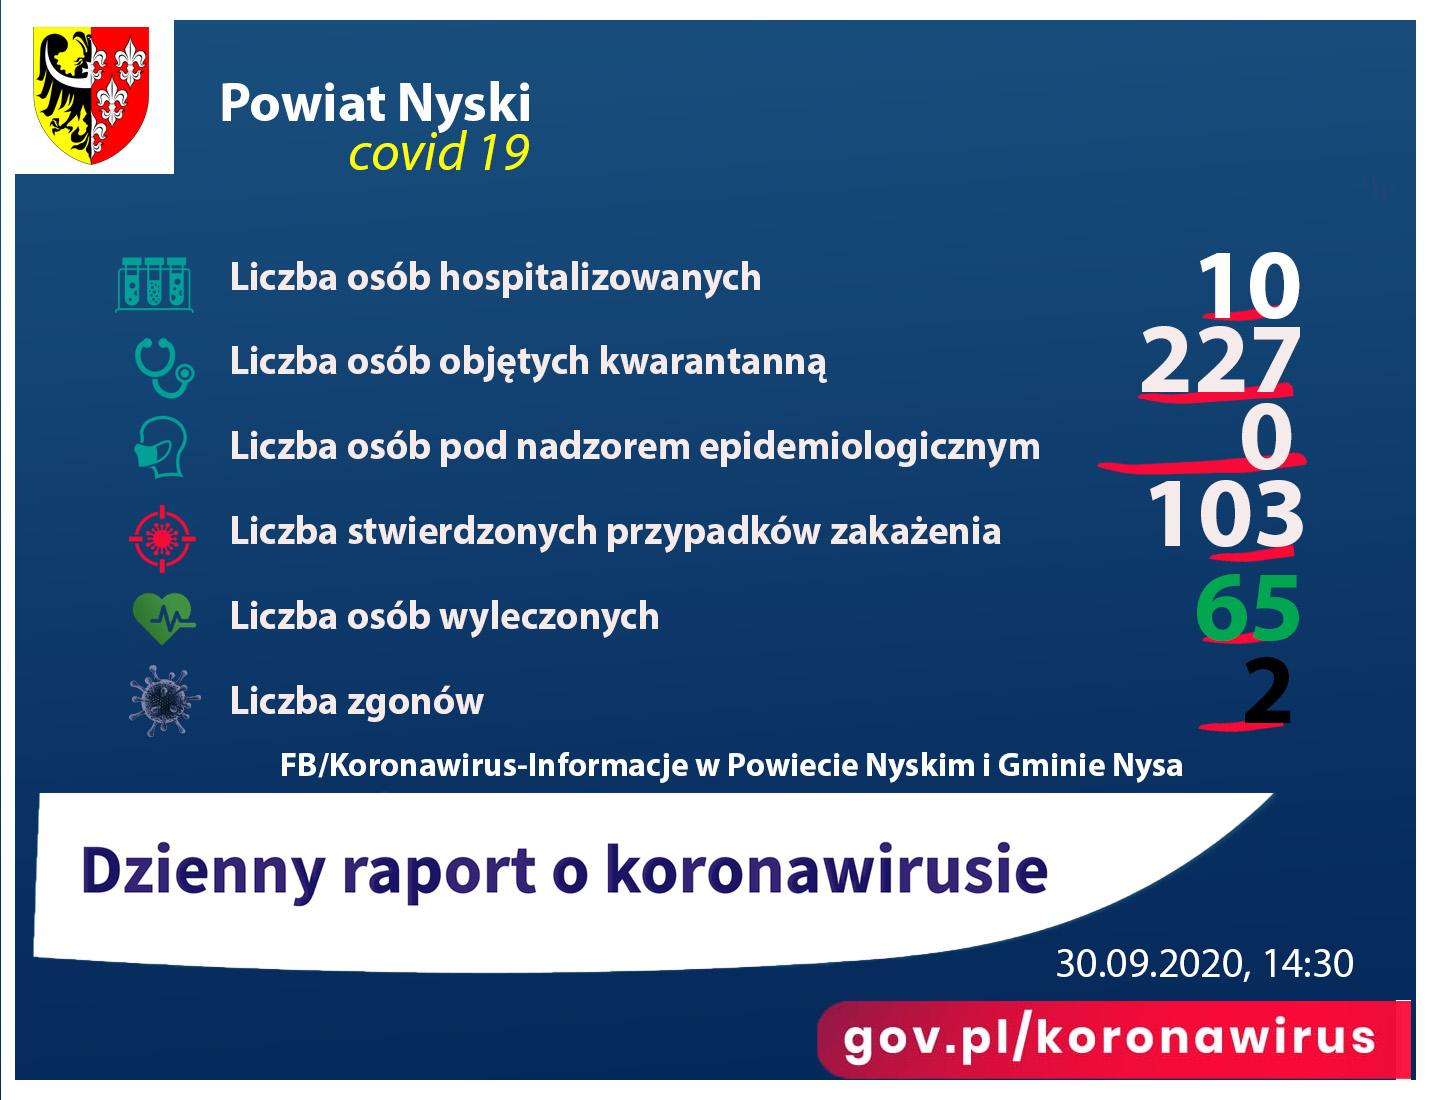 Raport - liczba zakażonych 103, ozdrowieńców 65, zgony 2, pod nadzorem 0, kwarantanna 227